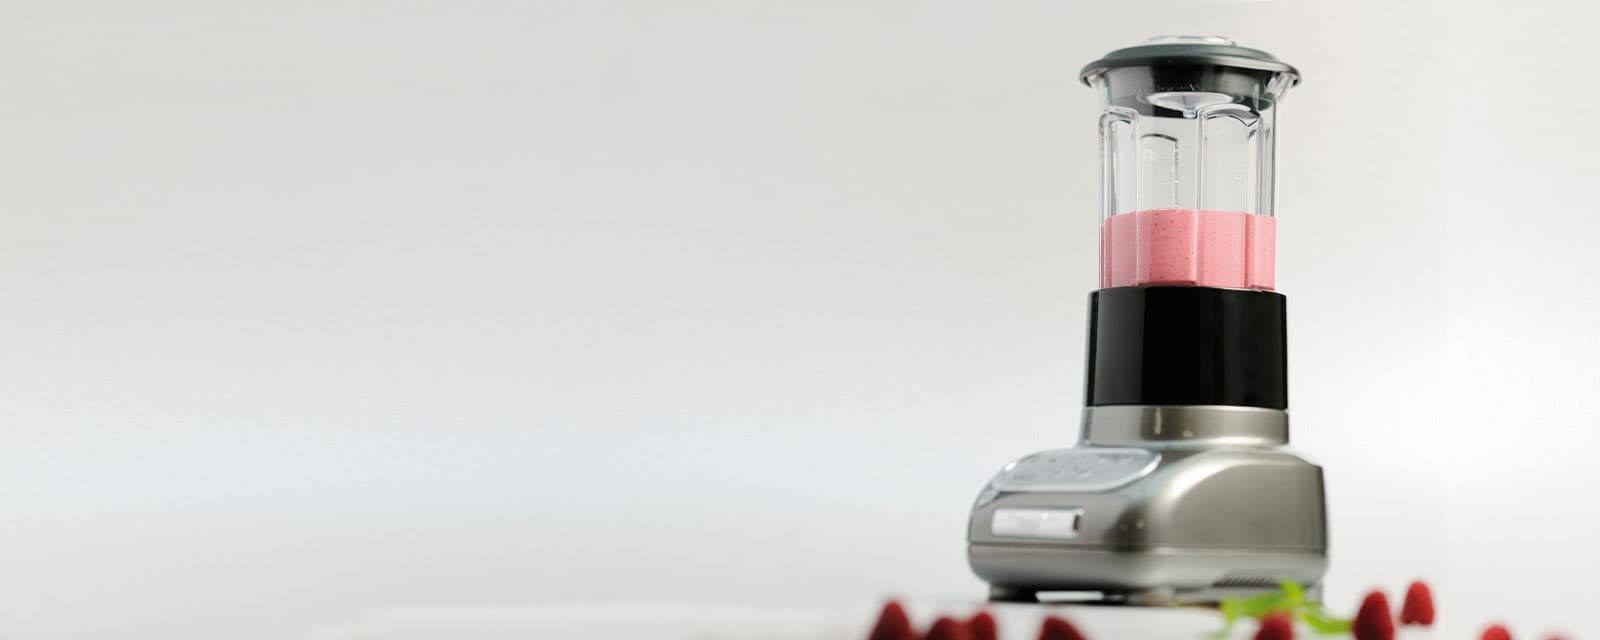 blender husholdningsapparater offizielle website von. Black Bedroom Furniture Sets. Home Design Ideas